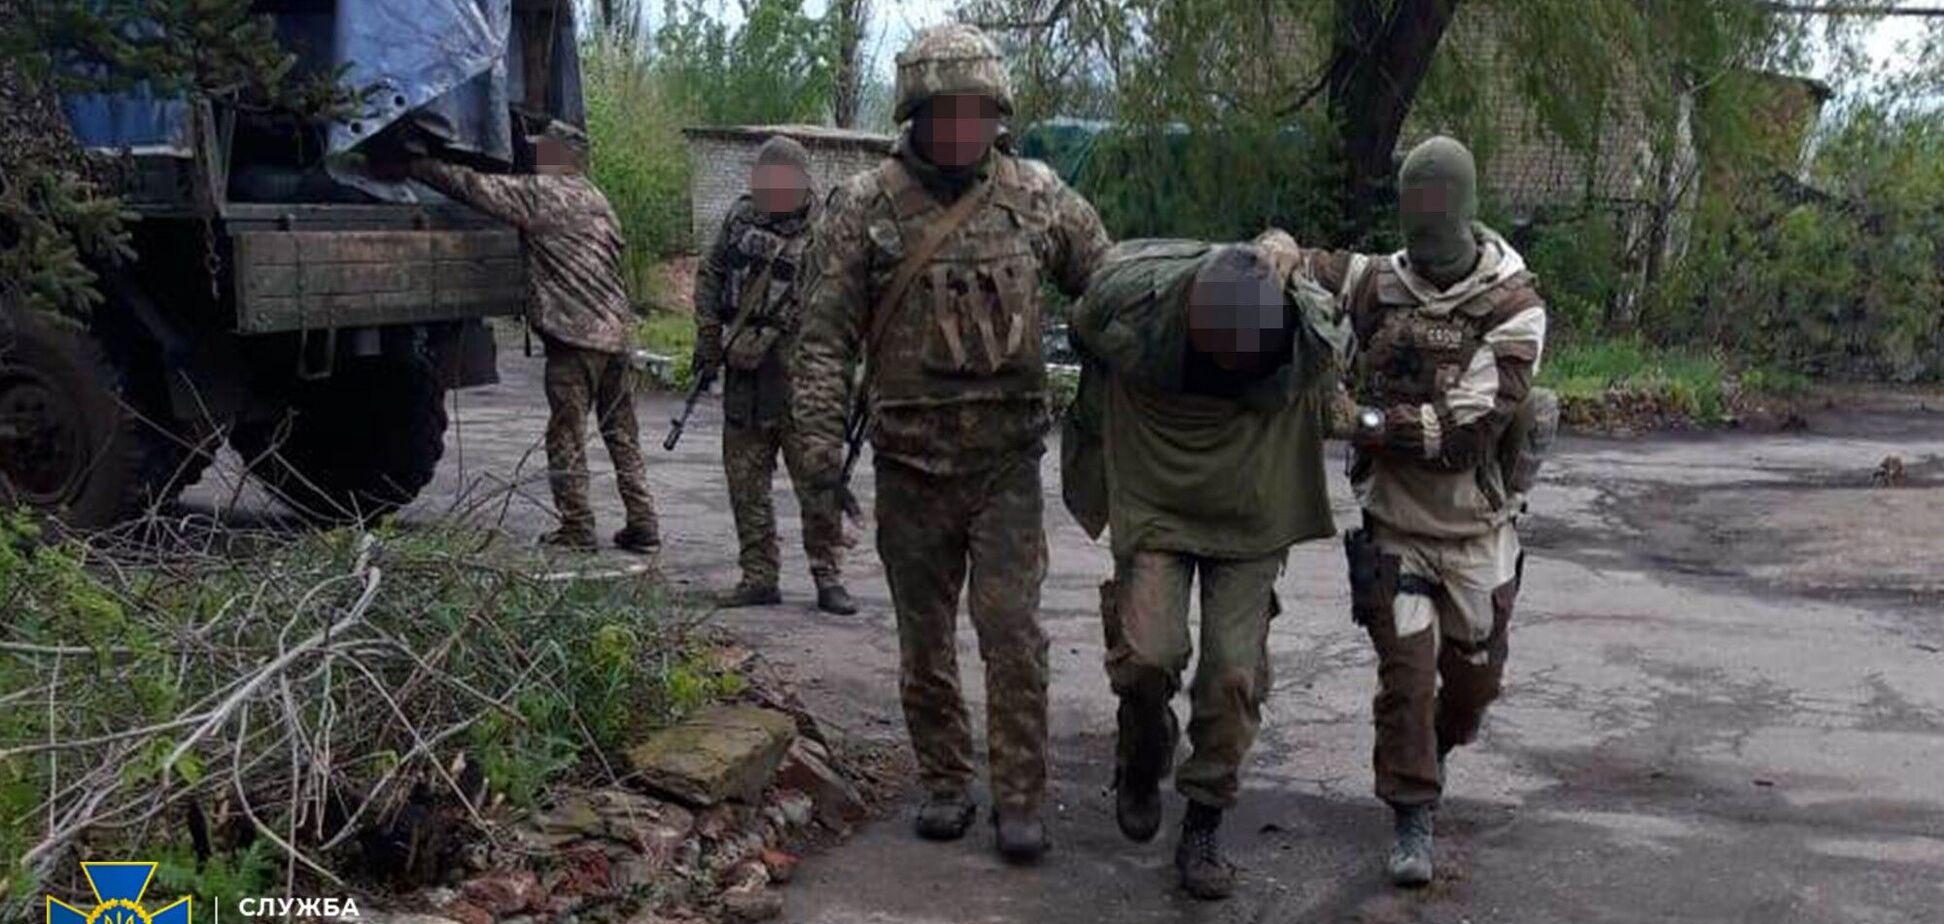 СБУ затримала розвідника 'ДНР' біля лінії вогню на Донбасі